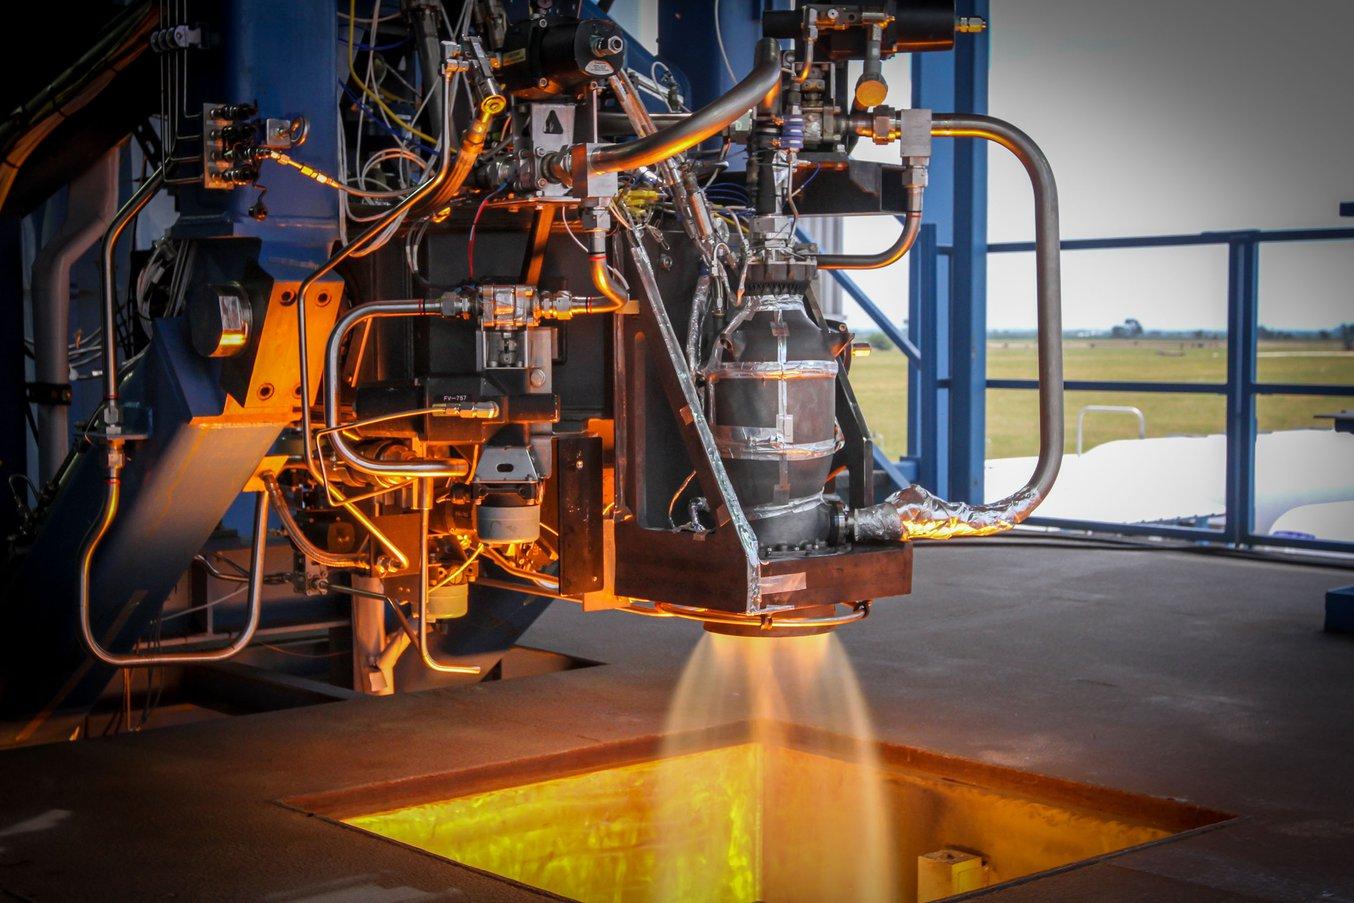 La capsula Crew Dragon di SpaceX, equipaggiata con motori SuperDraco stampati in 3D, ha preso il volo per la prima volta a marzo 2019. (Fonte: SpaceX)